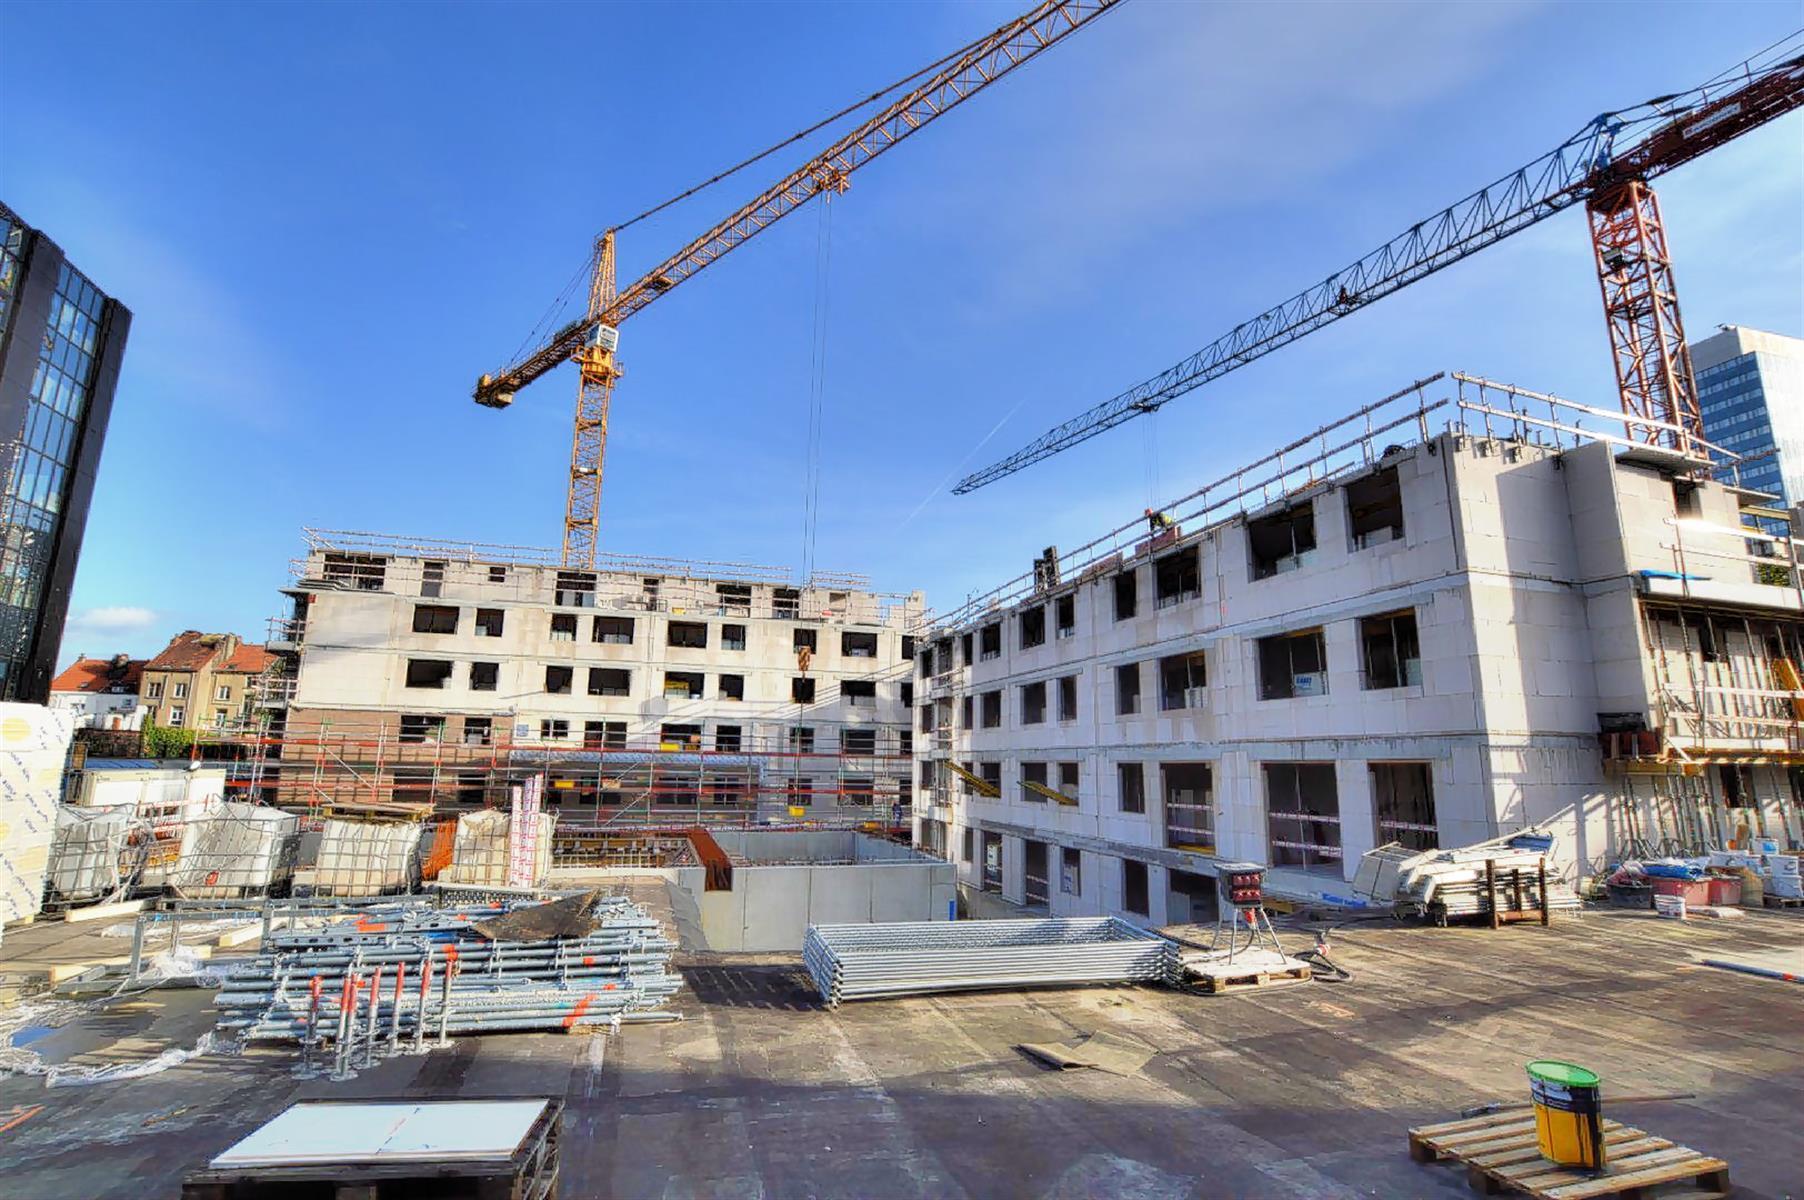 Immeuble à usage multiple - Bruxelles - #3999578-14